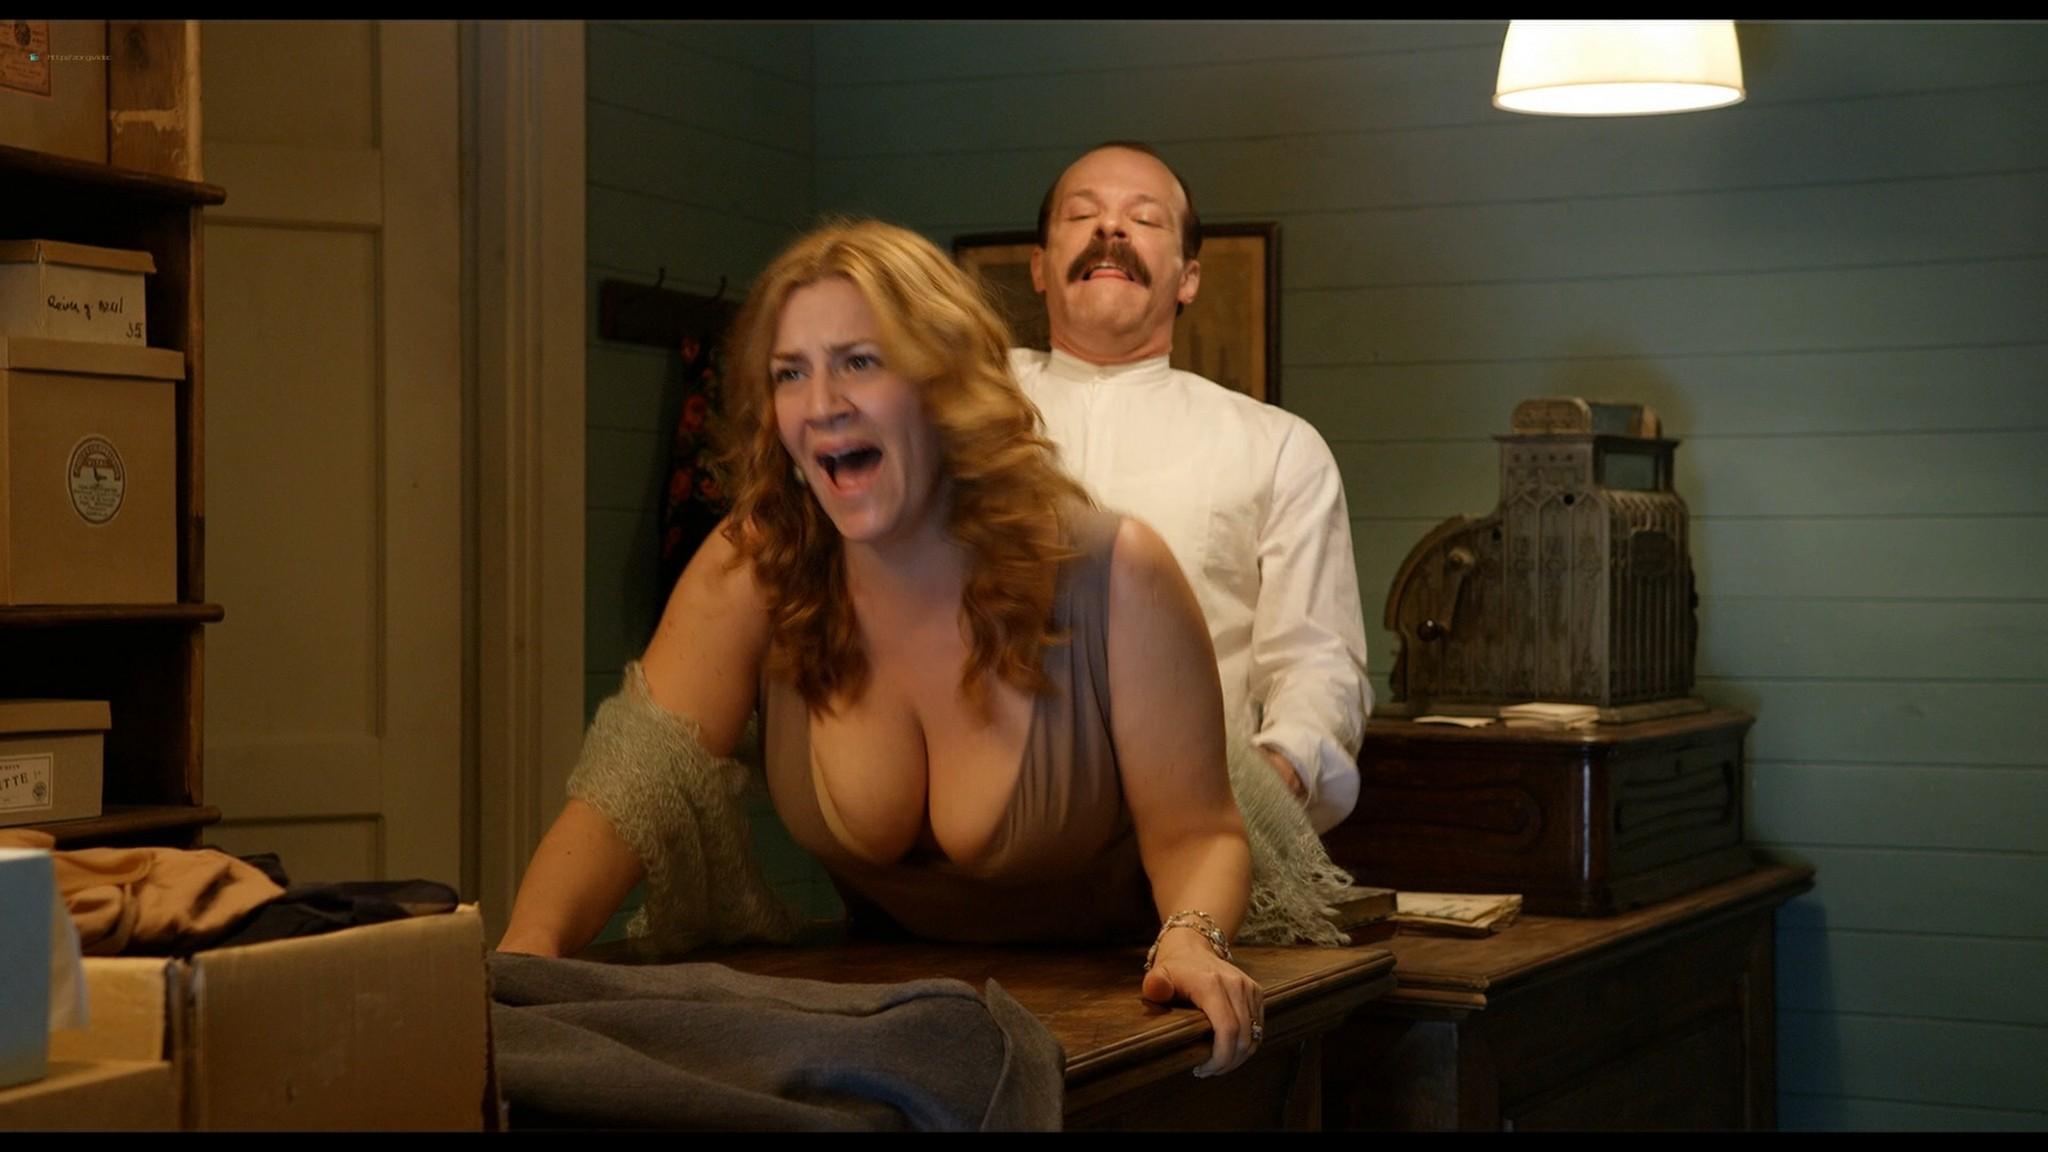 Pamela Flores nude full frontal - La danza de la realidad (2013) HD 1080p BluRay REMUX (14)